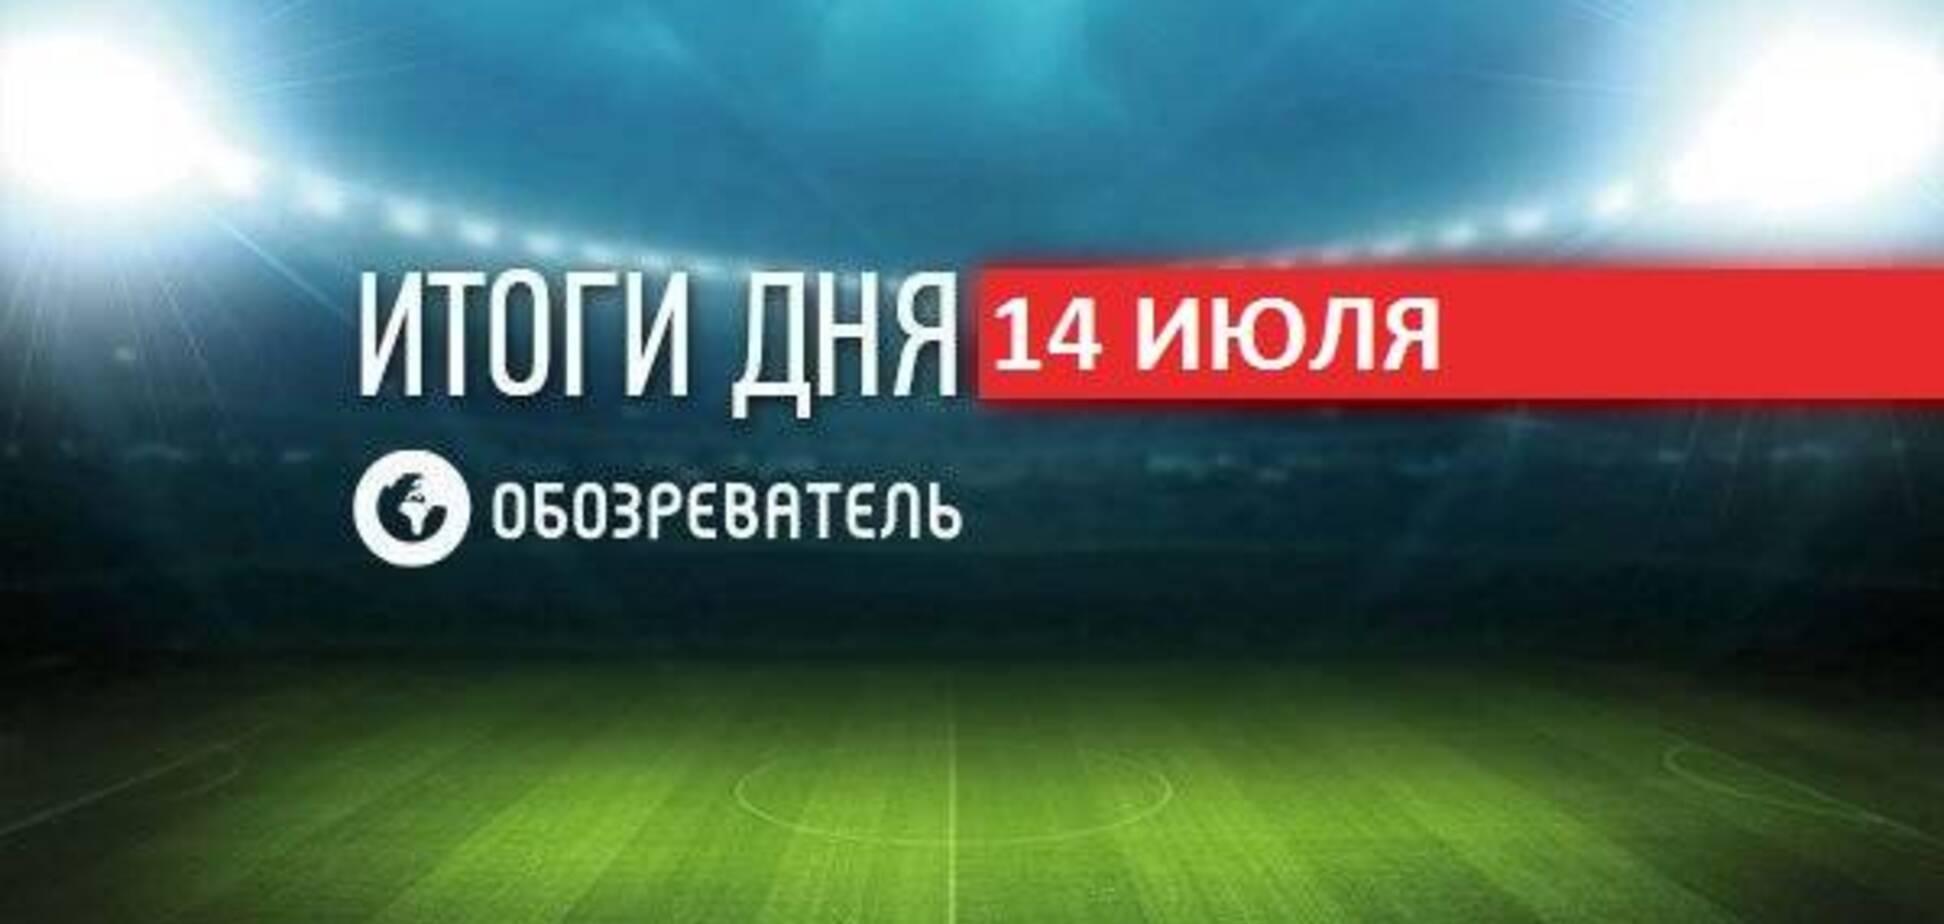 Малиновський забив переможний гол у Серії А: спортивні підсумки 14 липня